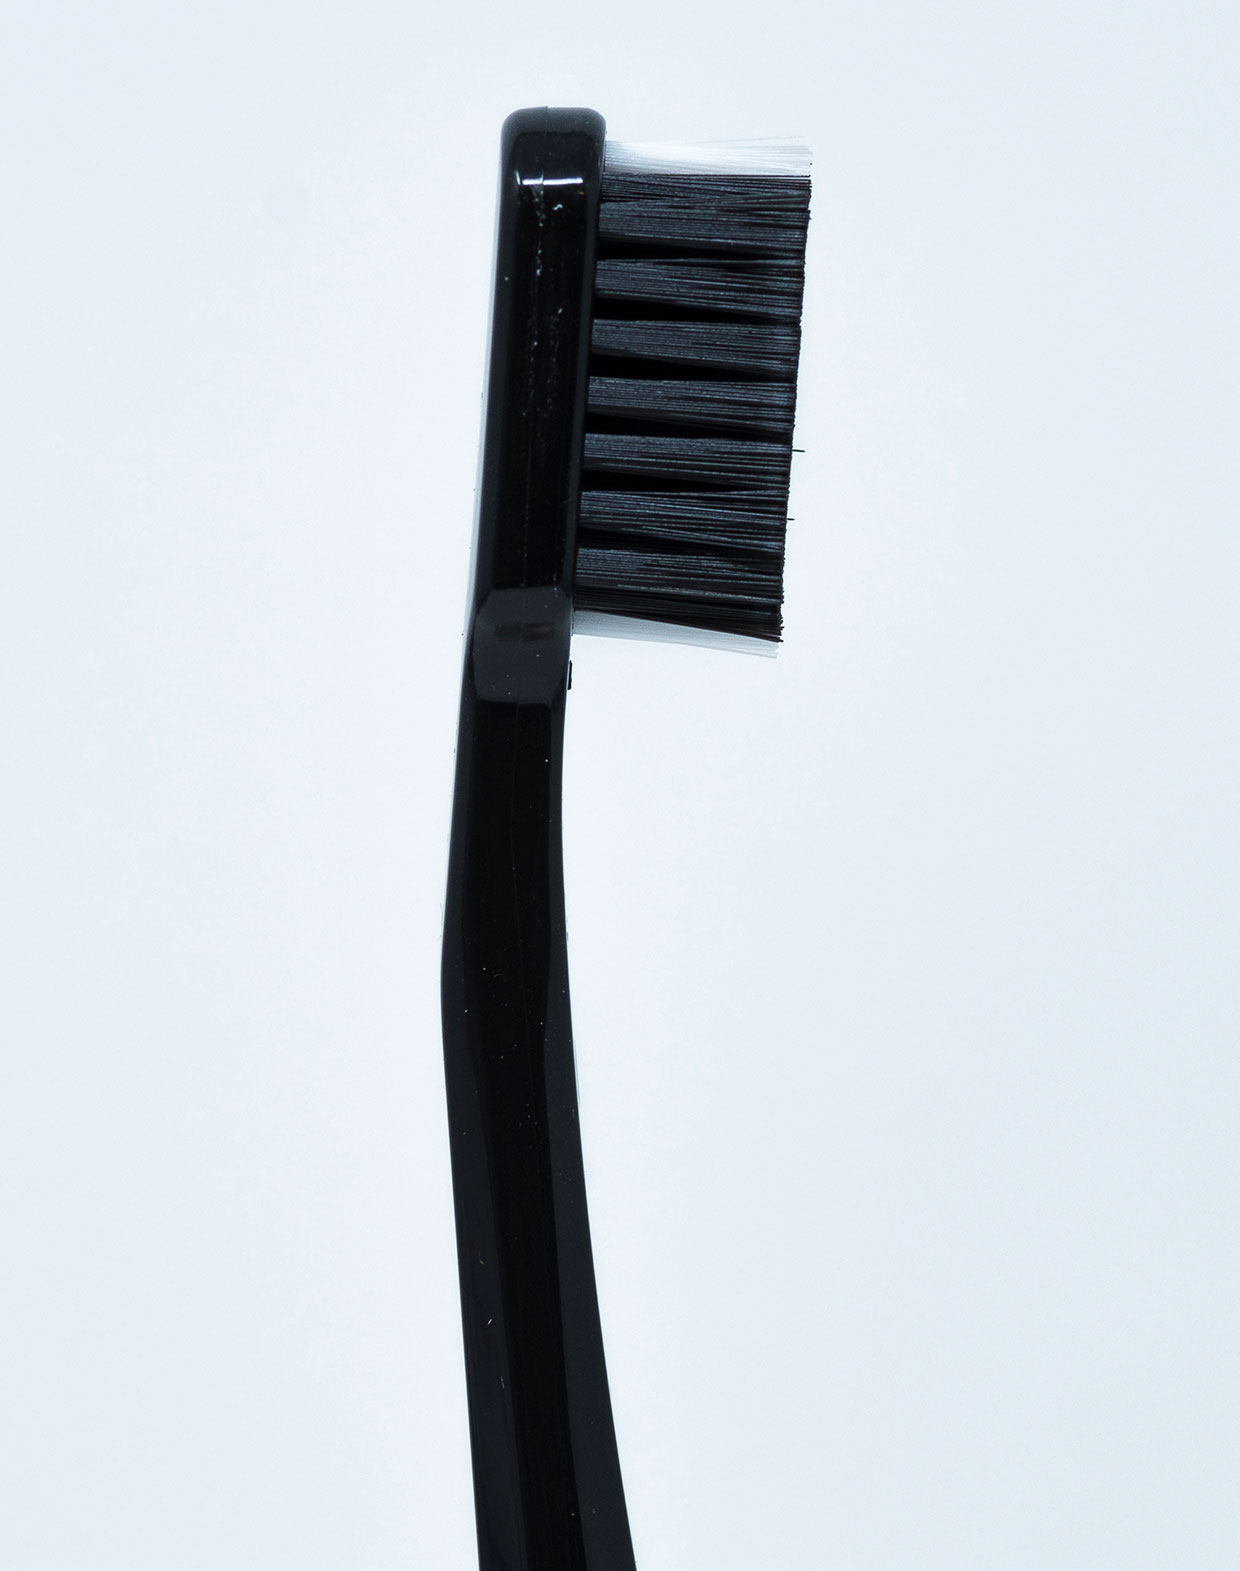 Curaprox Dentifricio Black is White - 10 ml + 1 Spazzolino Manuale